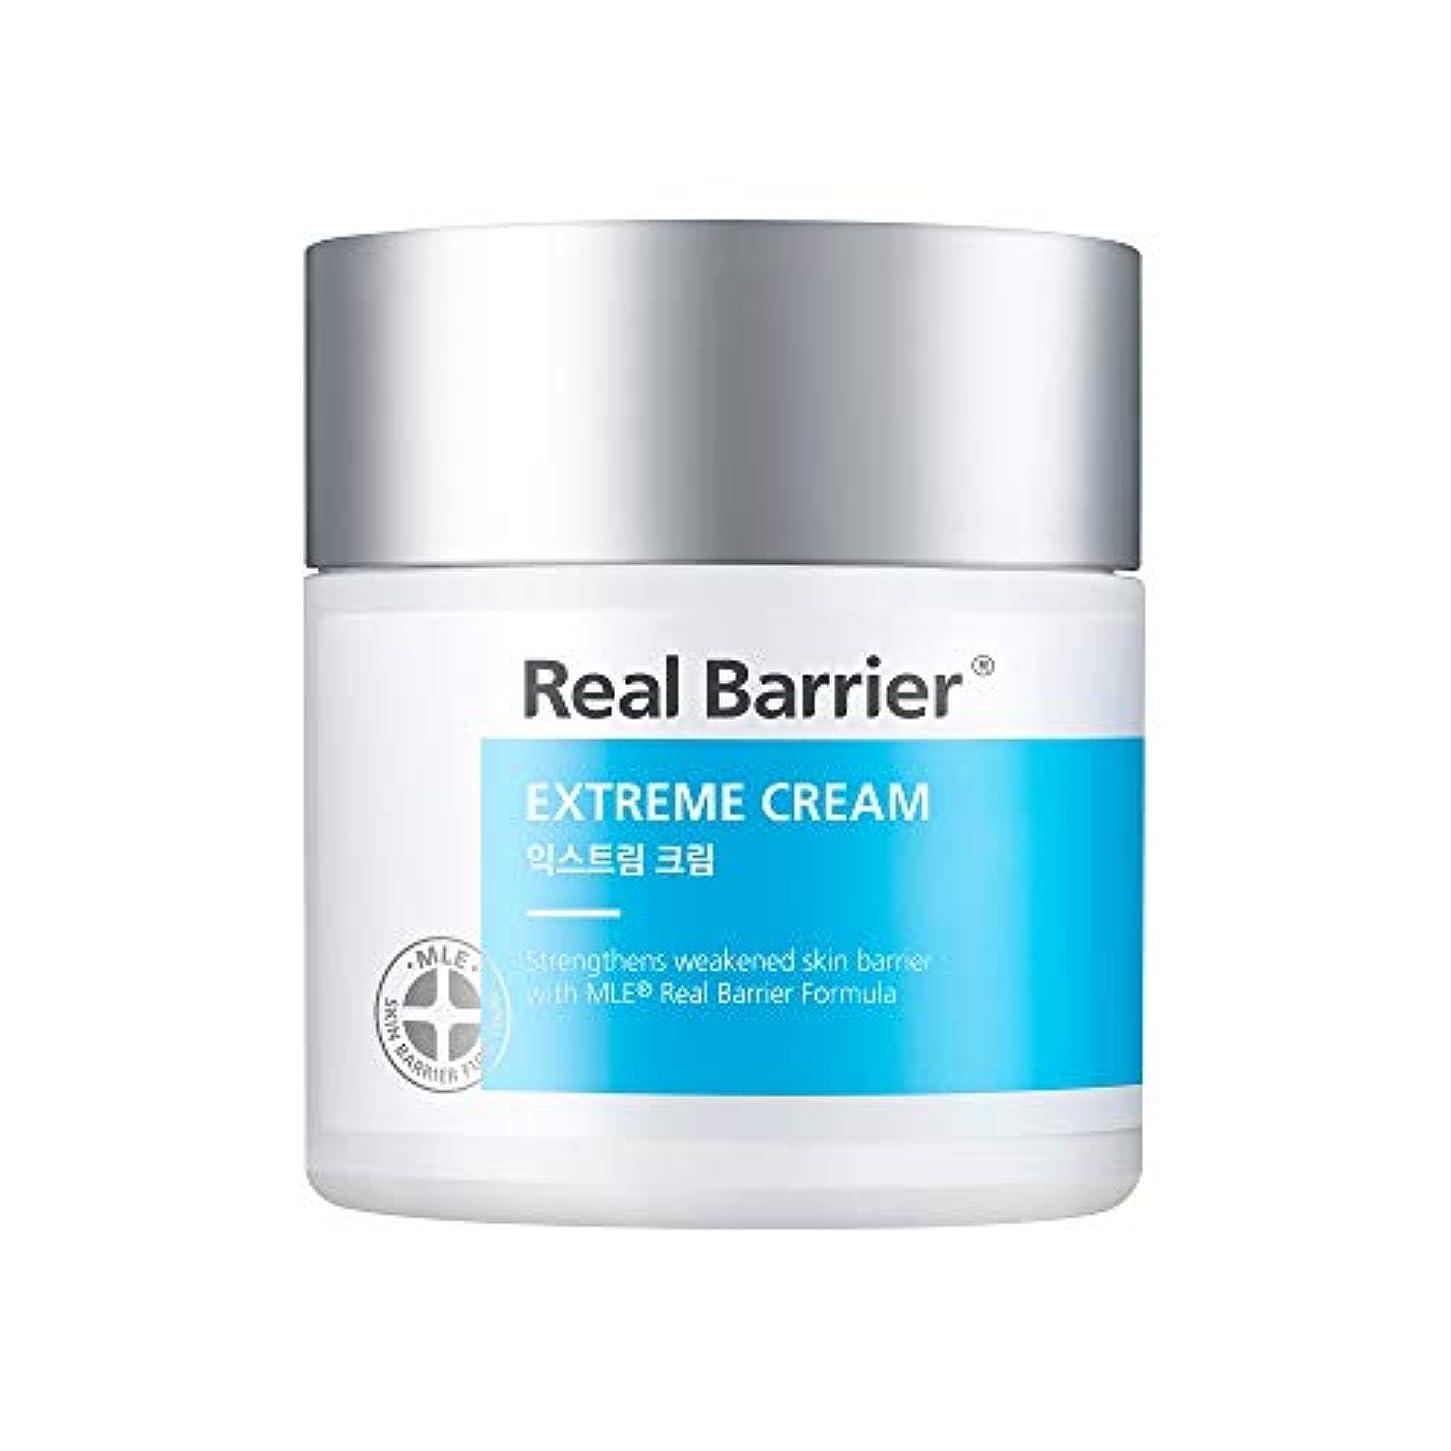 アパル人類免除するアトパーム(atopalm) リアルベリアエクストリームクリーム/Atopam Real Barrier Extreme Cream